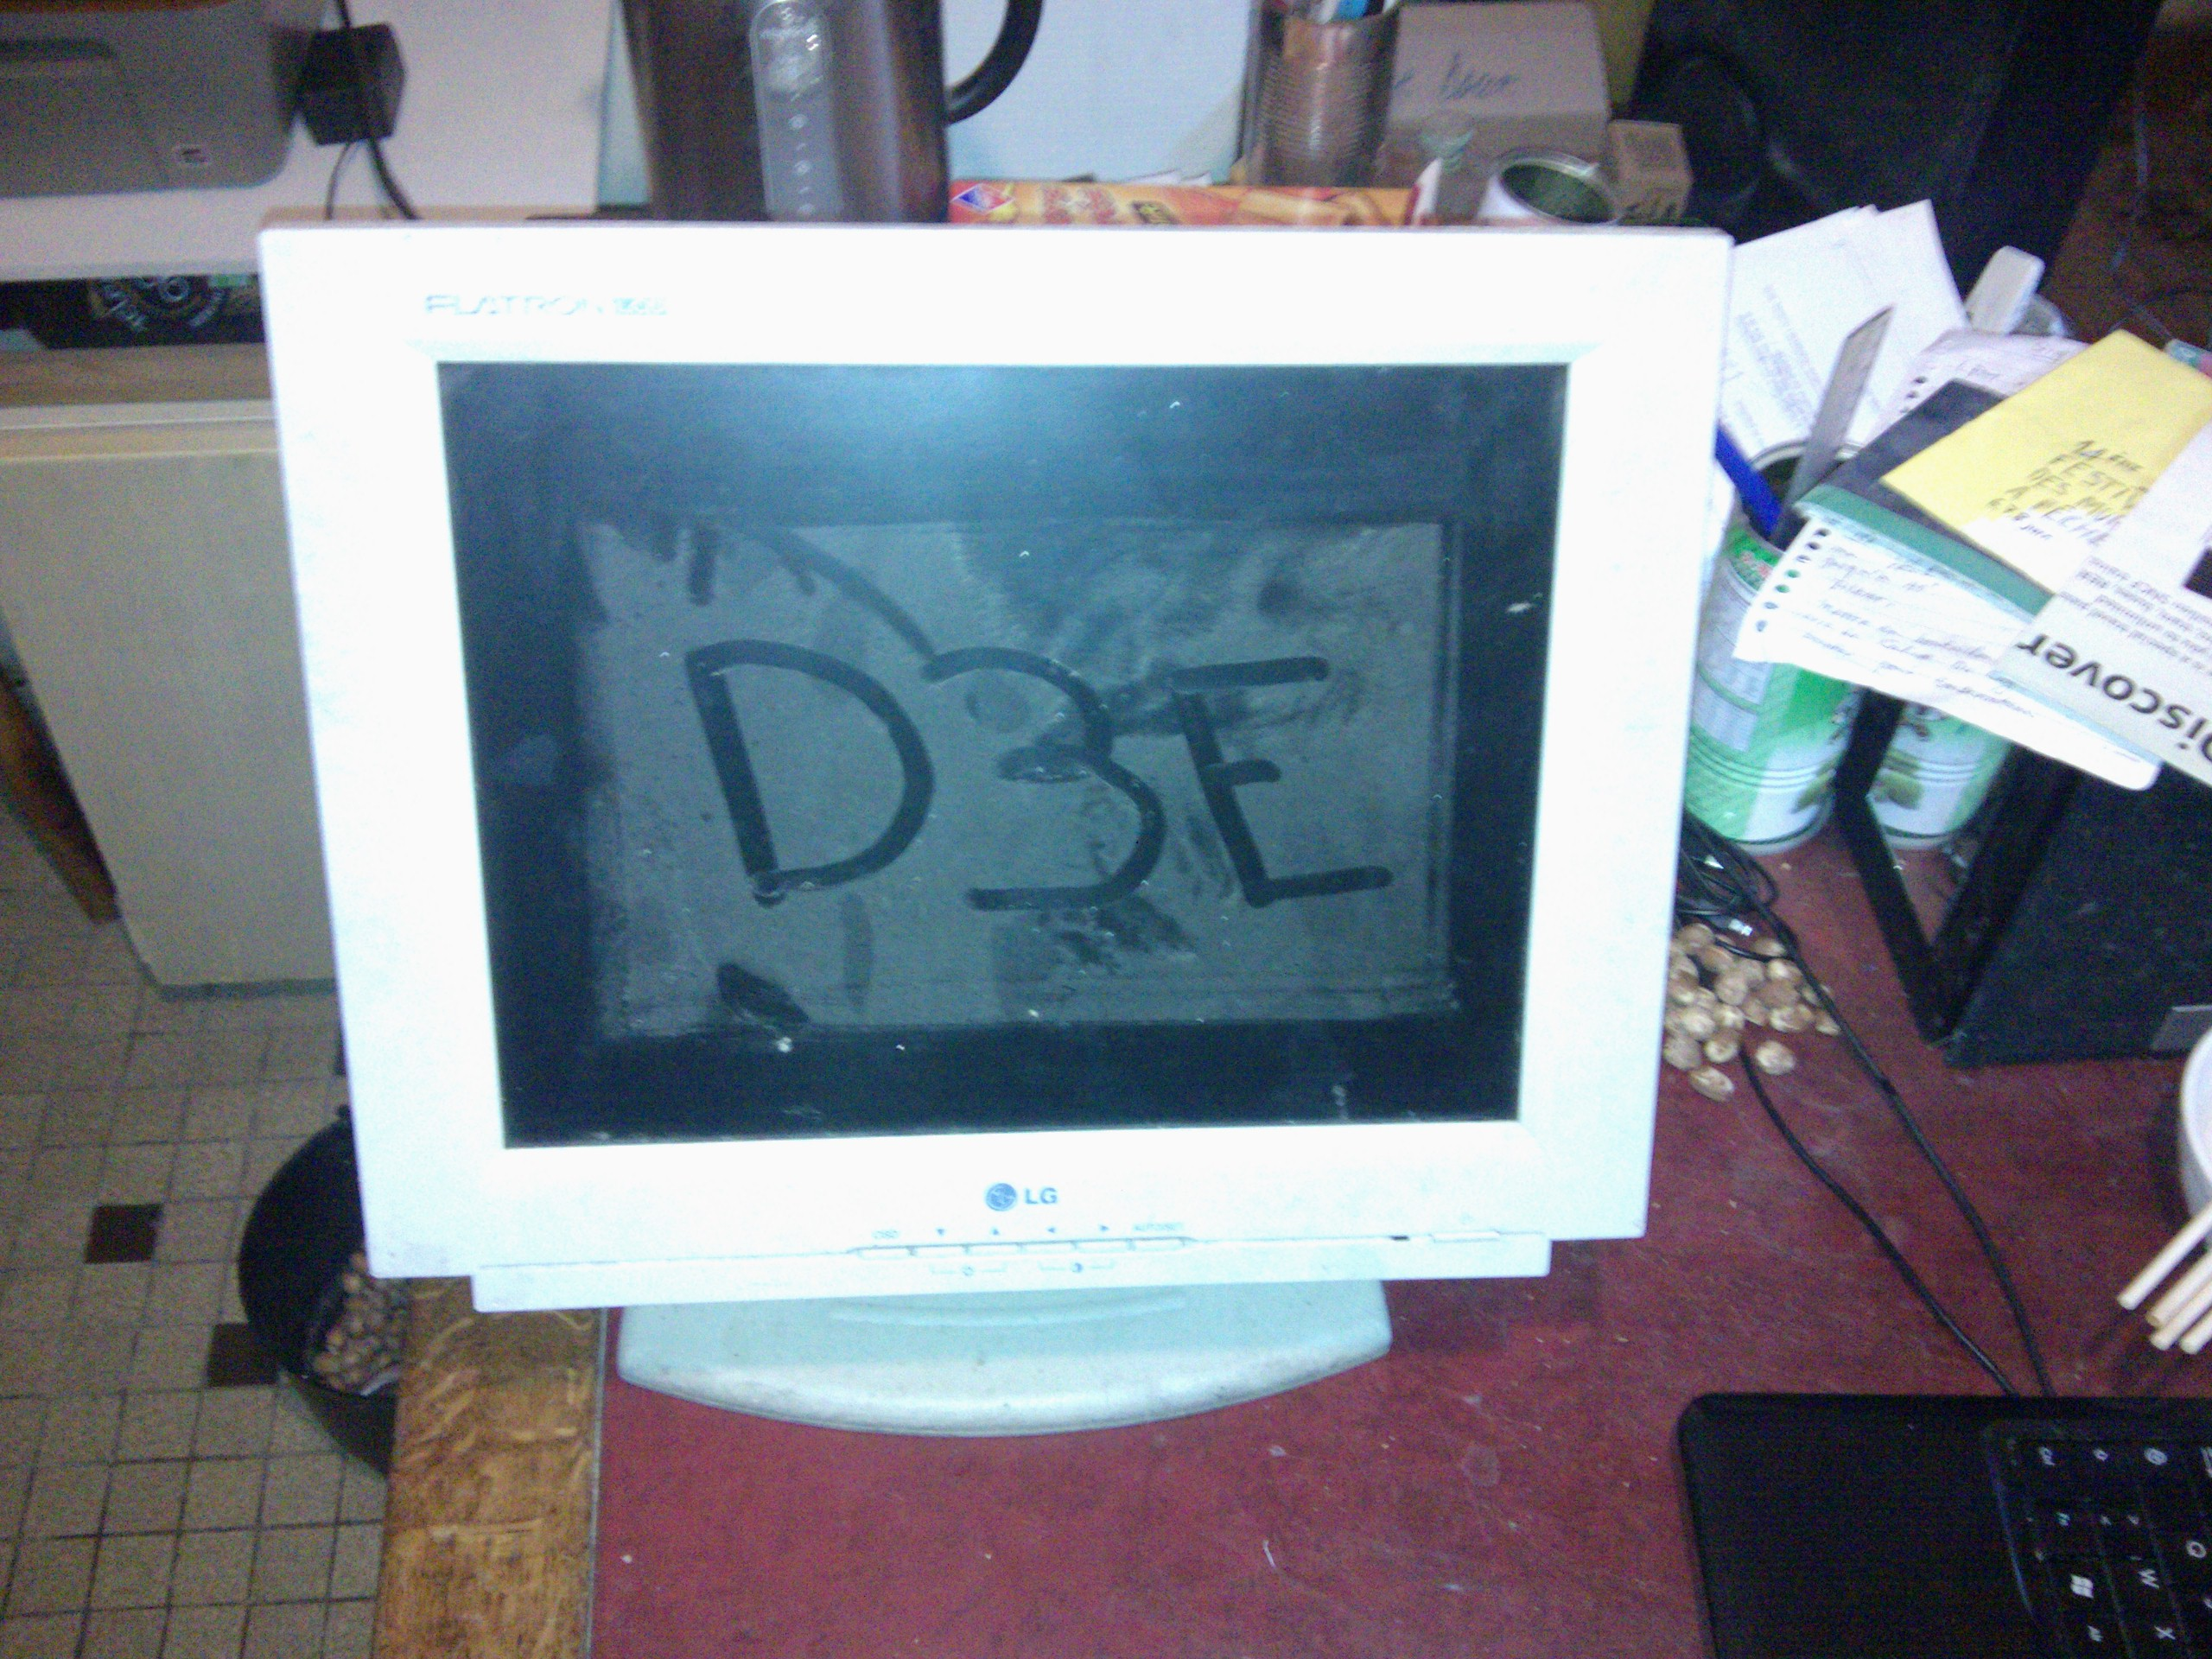 Démontage et hack d'un écran plat LCD